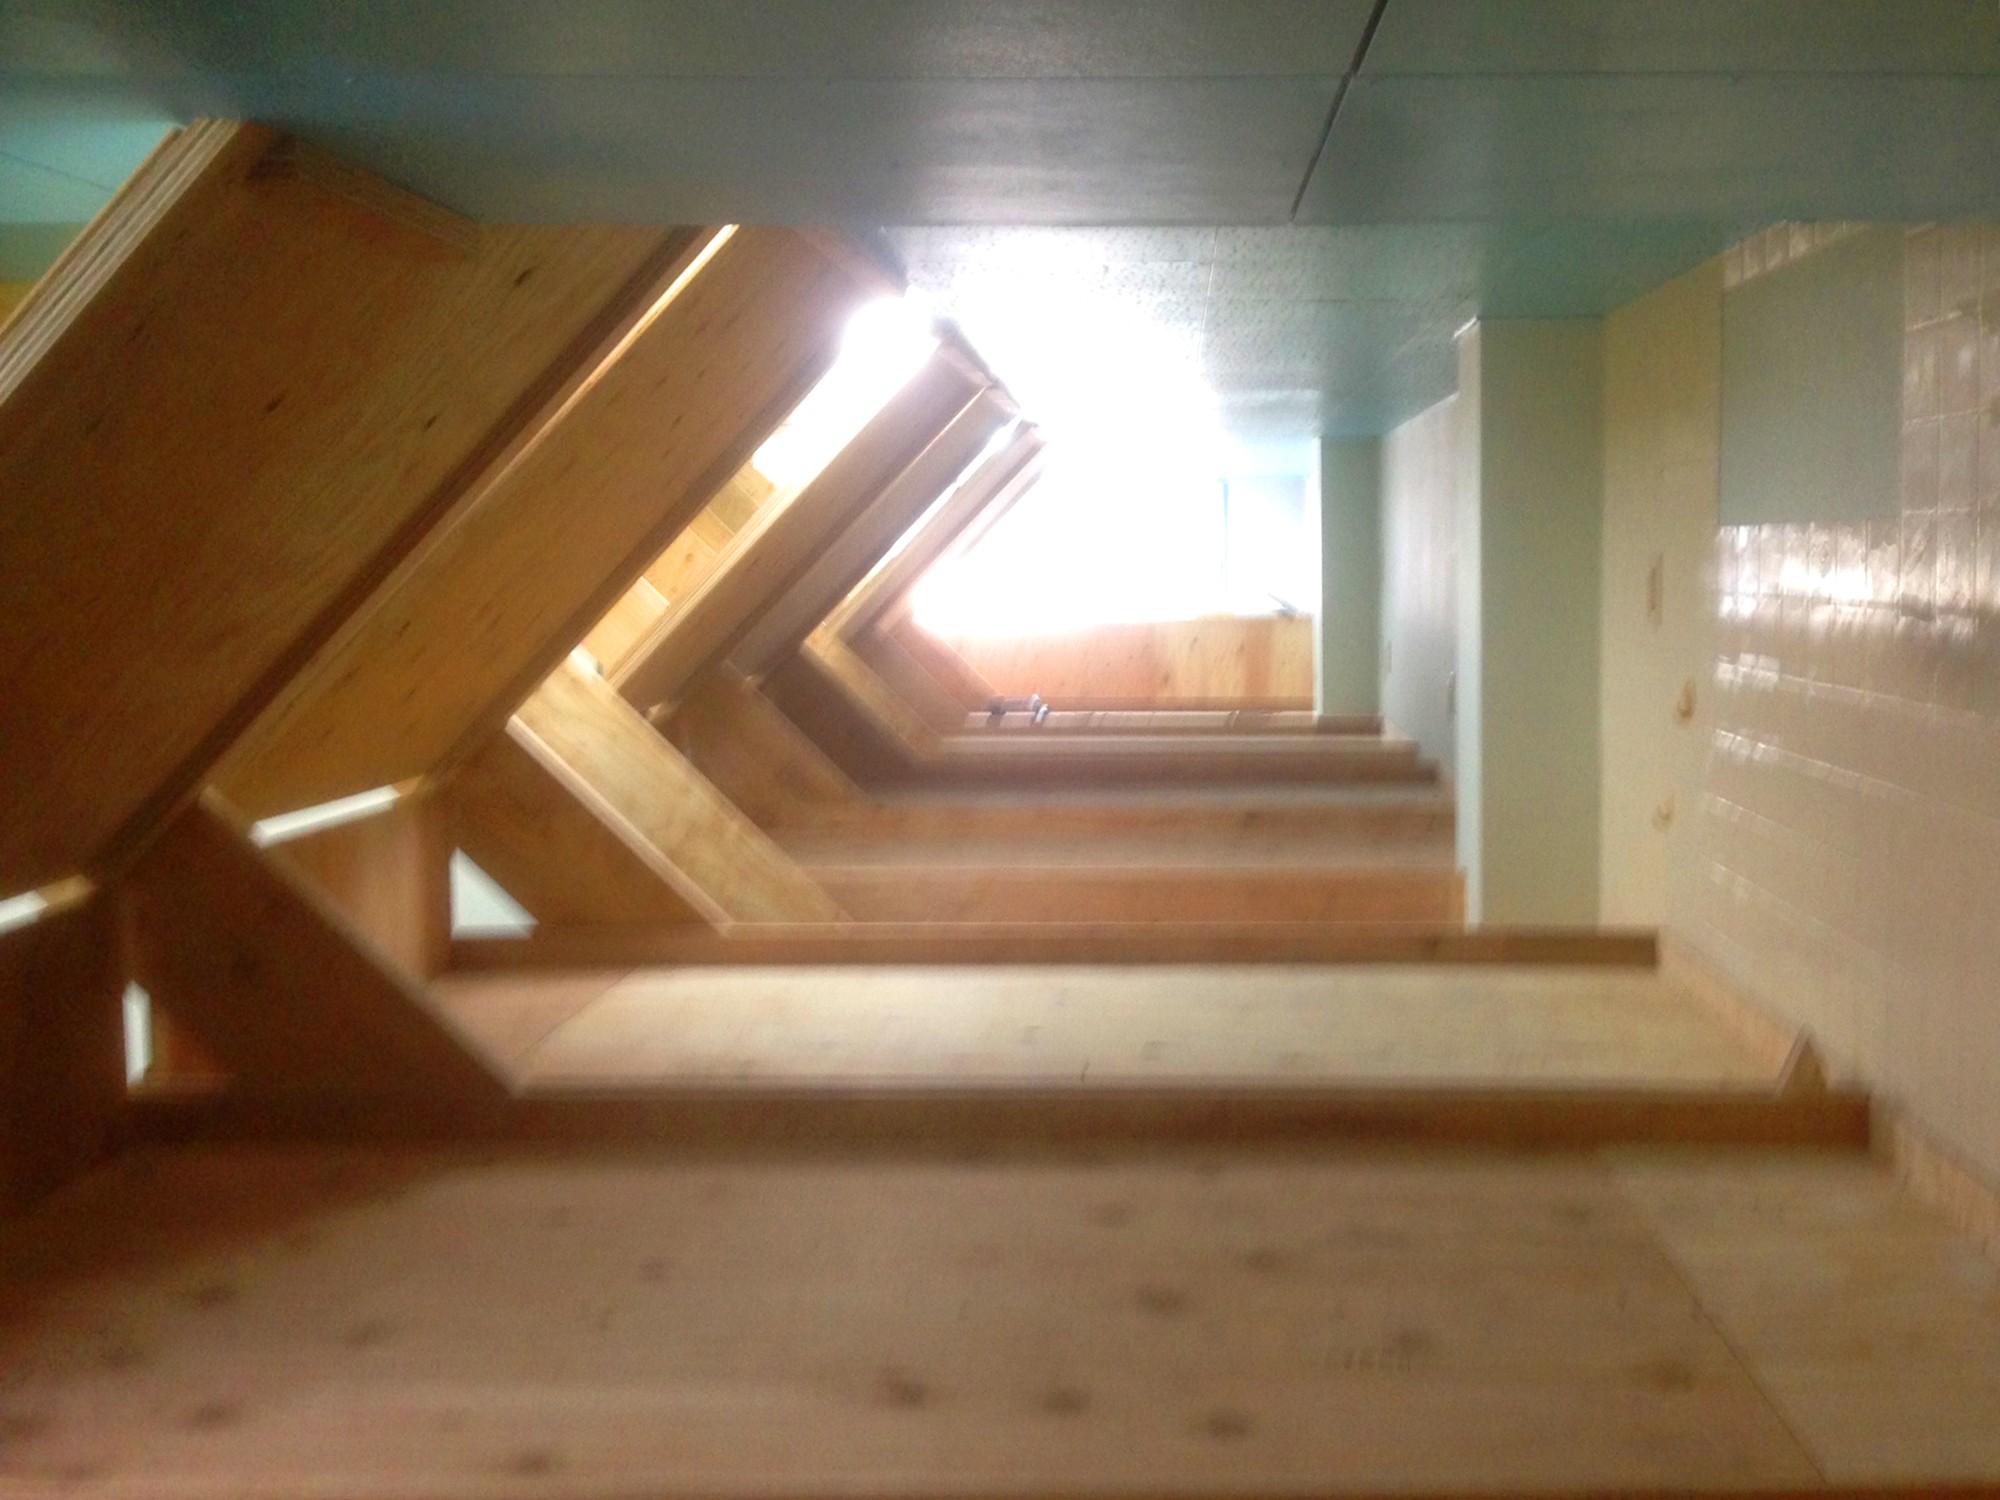 ベッドルーム事例:2階のベッドにのぼると端から端まで歩いていける(Music Uni Street Backpackers Hostel)